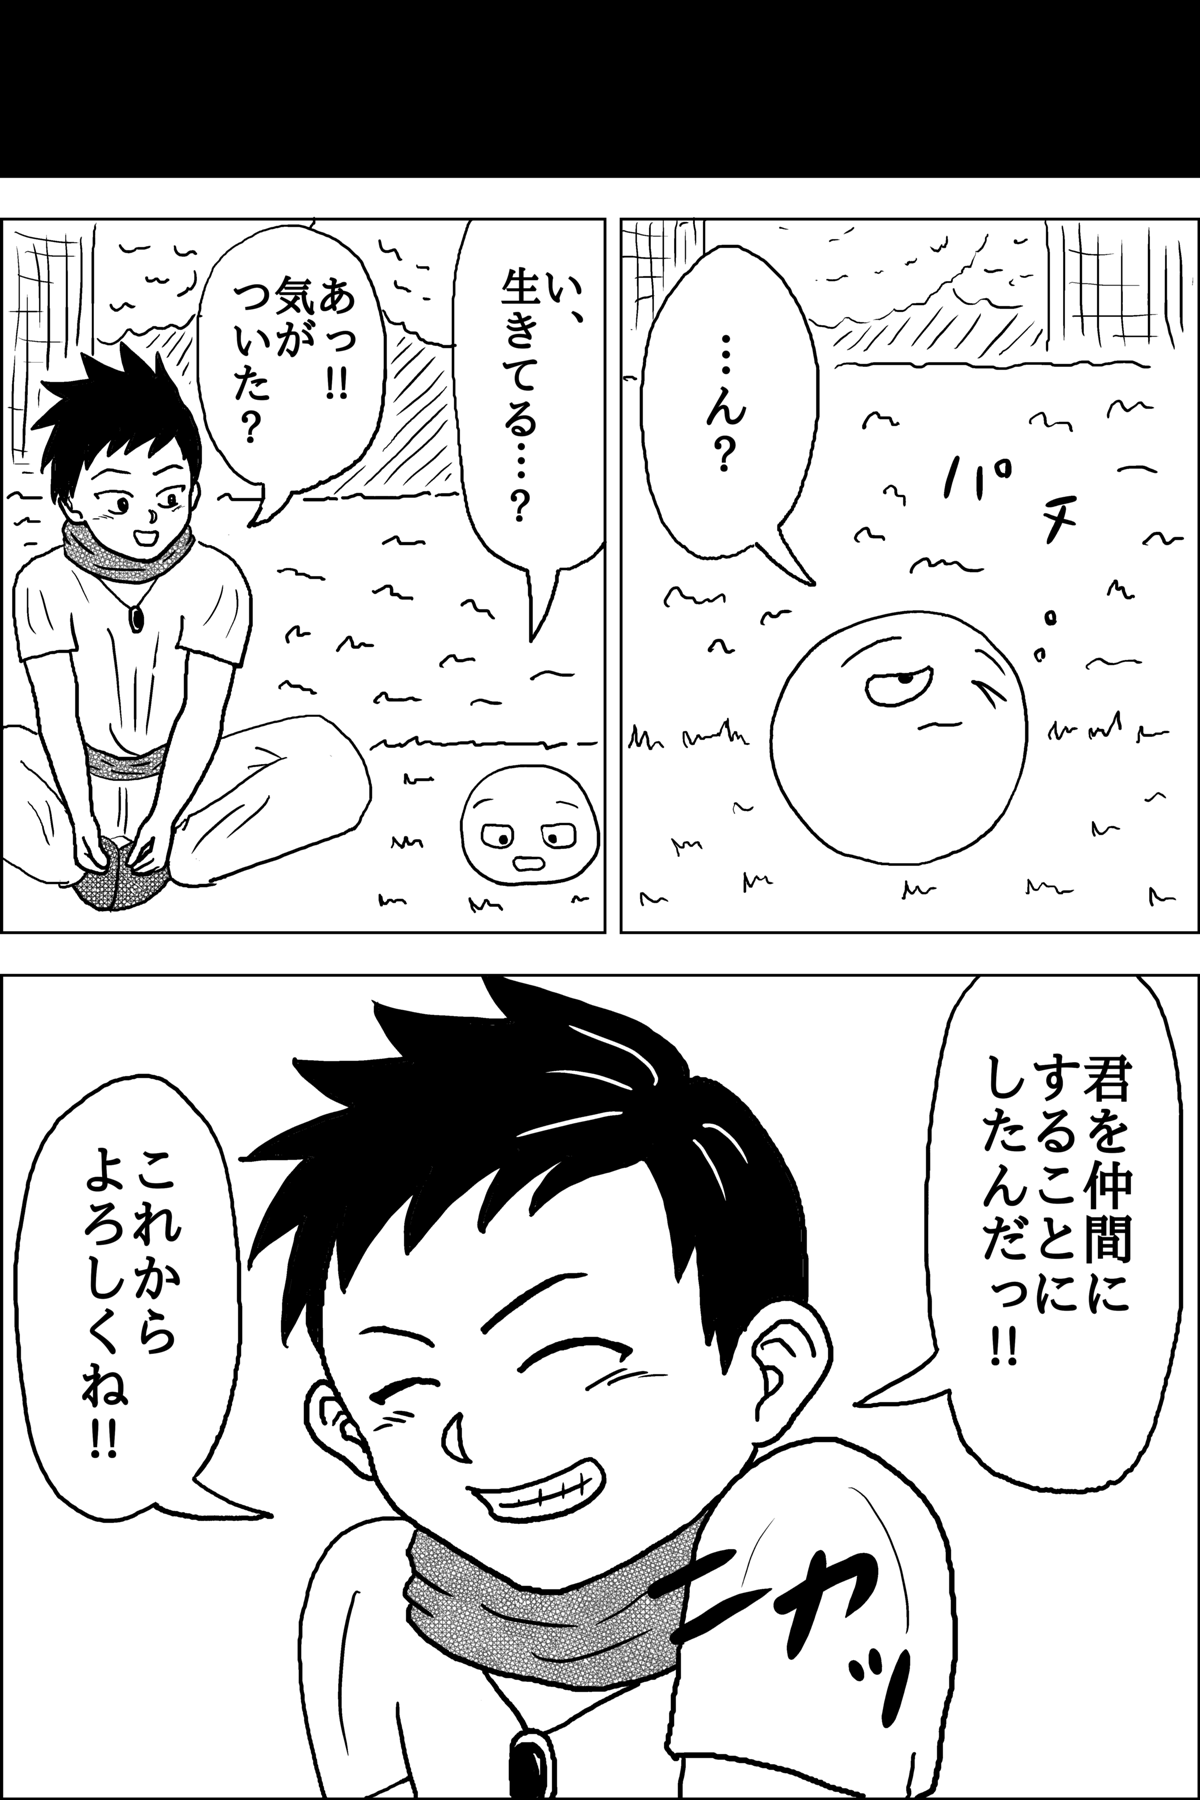 モンスターの憂い 1話 - ジャンプルーキー!